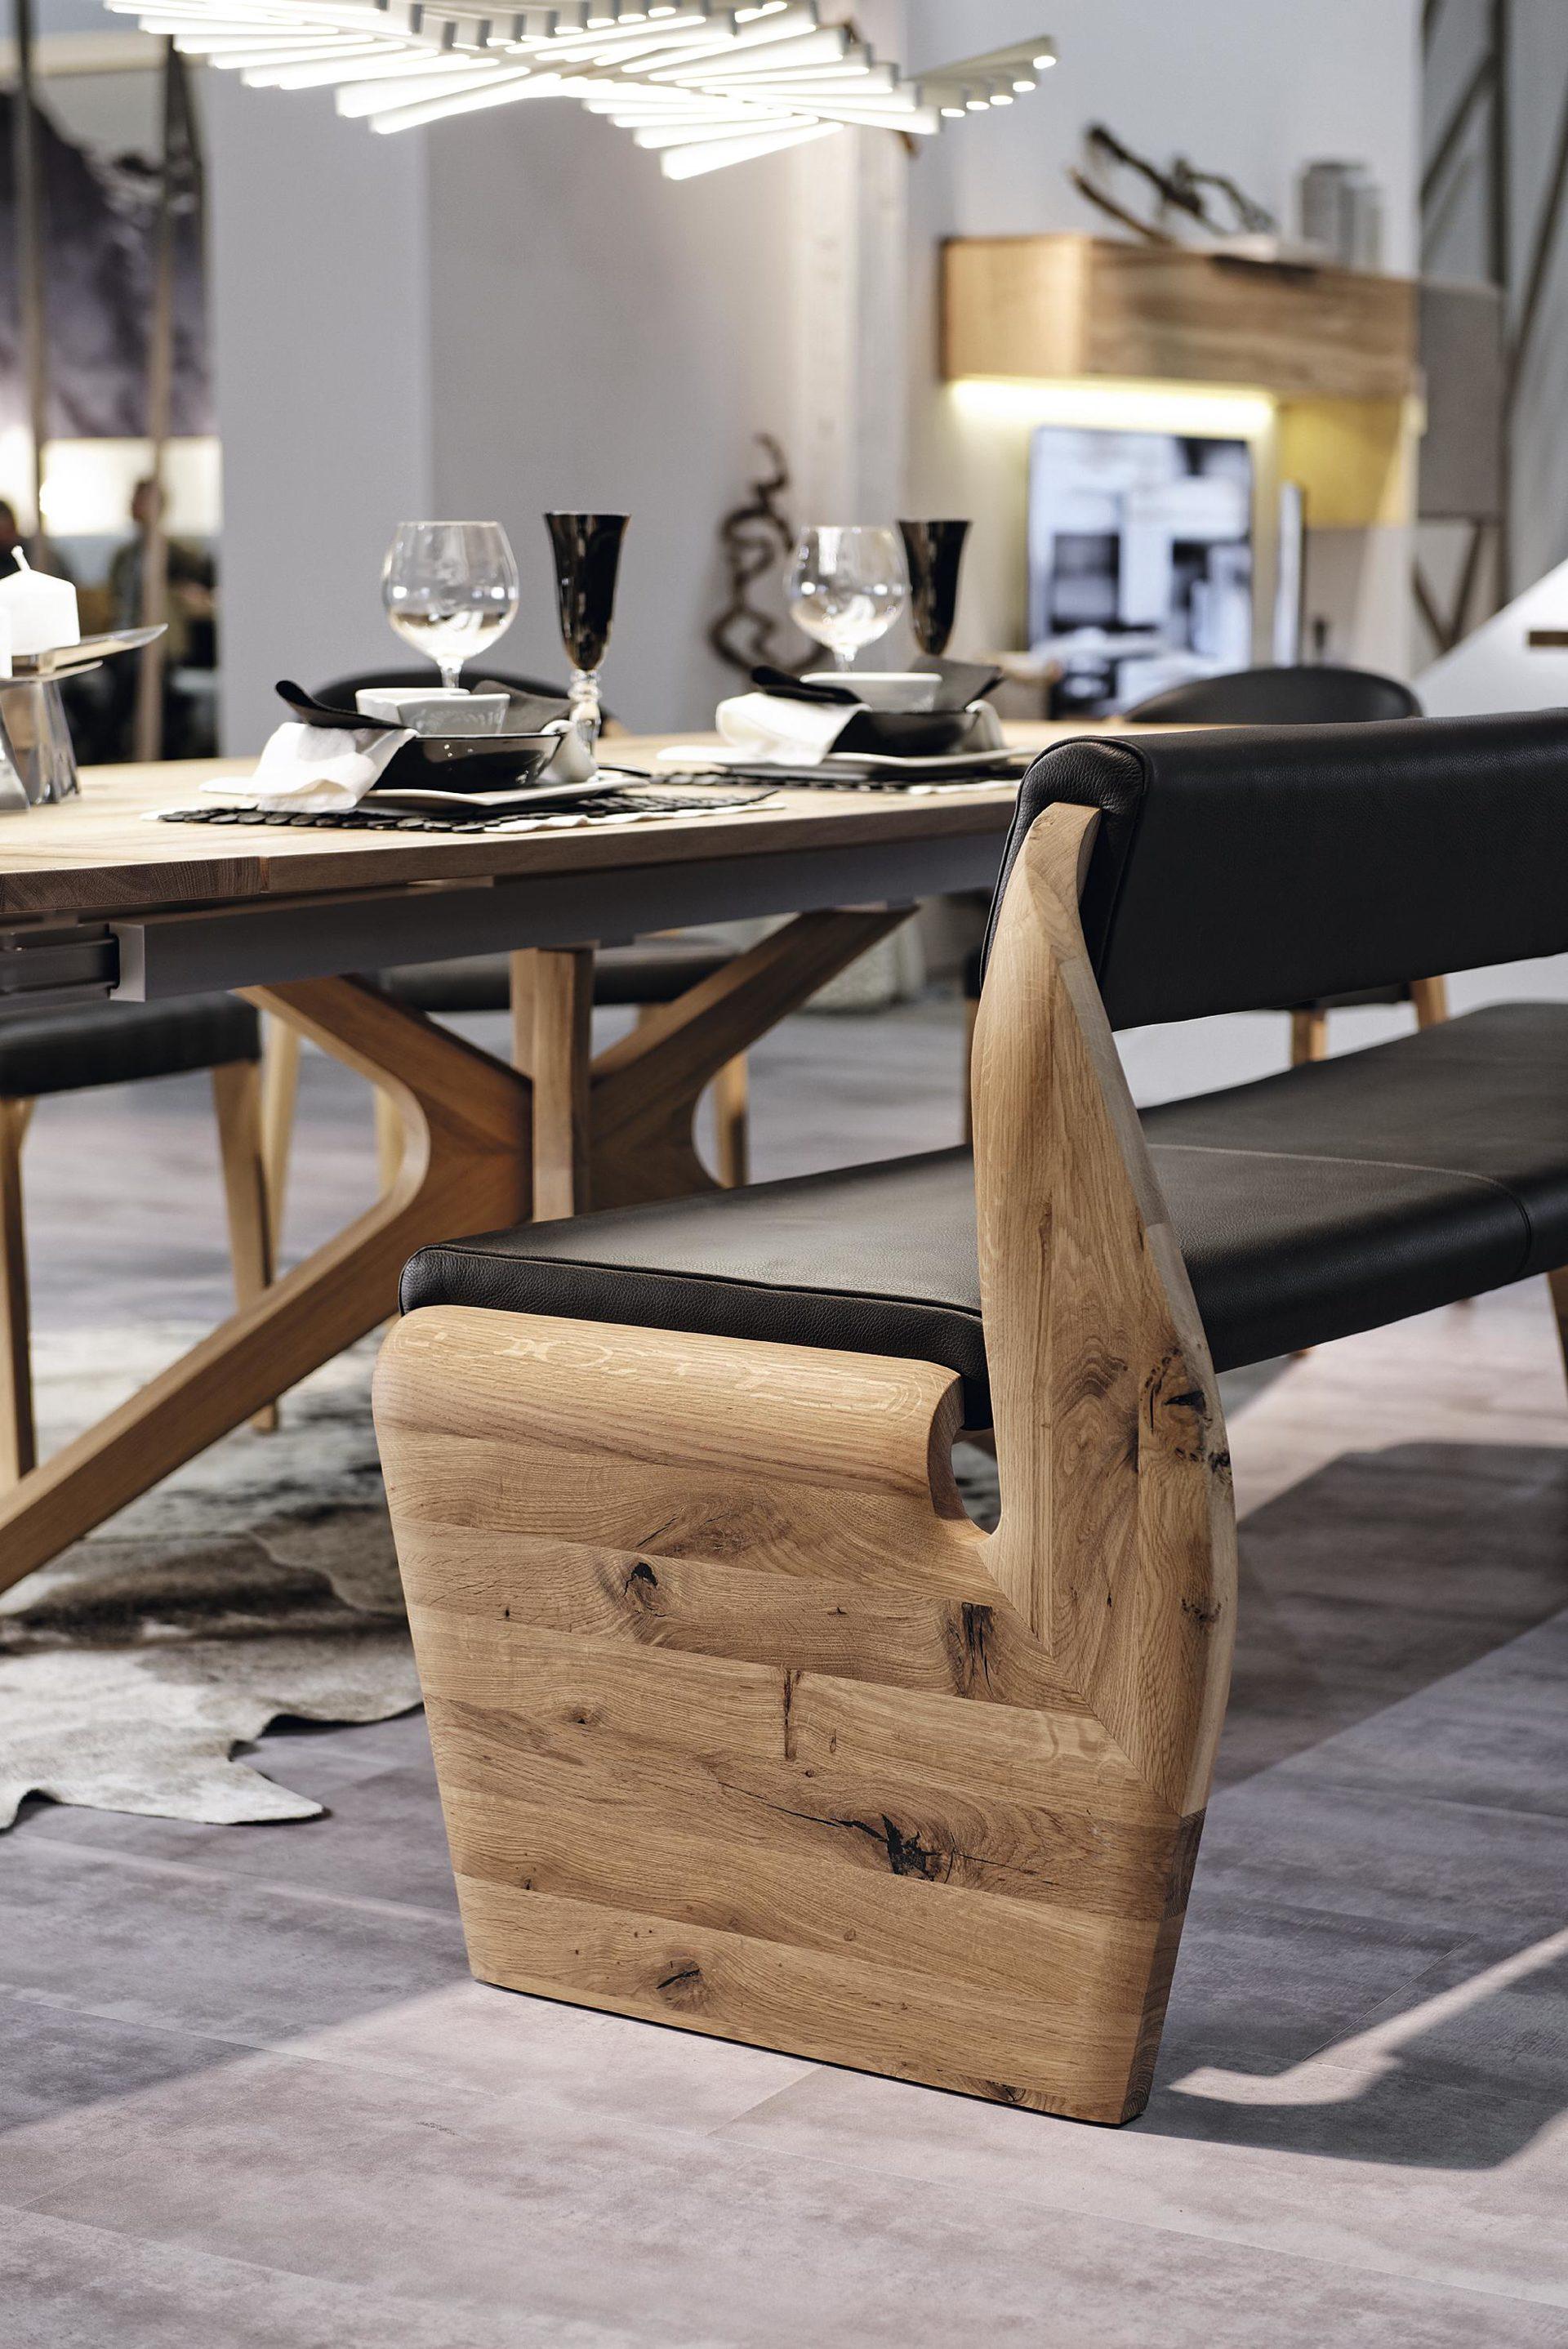 Möbel Frauendorfer Amberg Räume Küche Stühle Bänke Voglauer